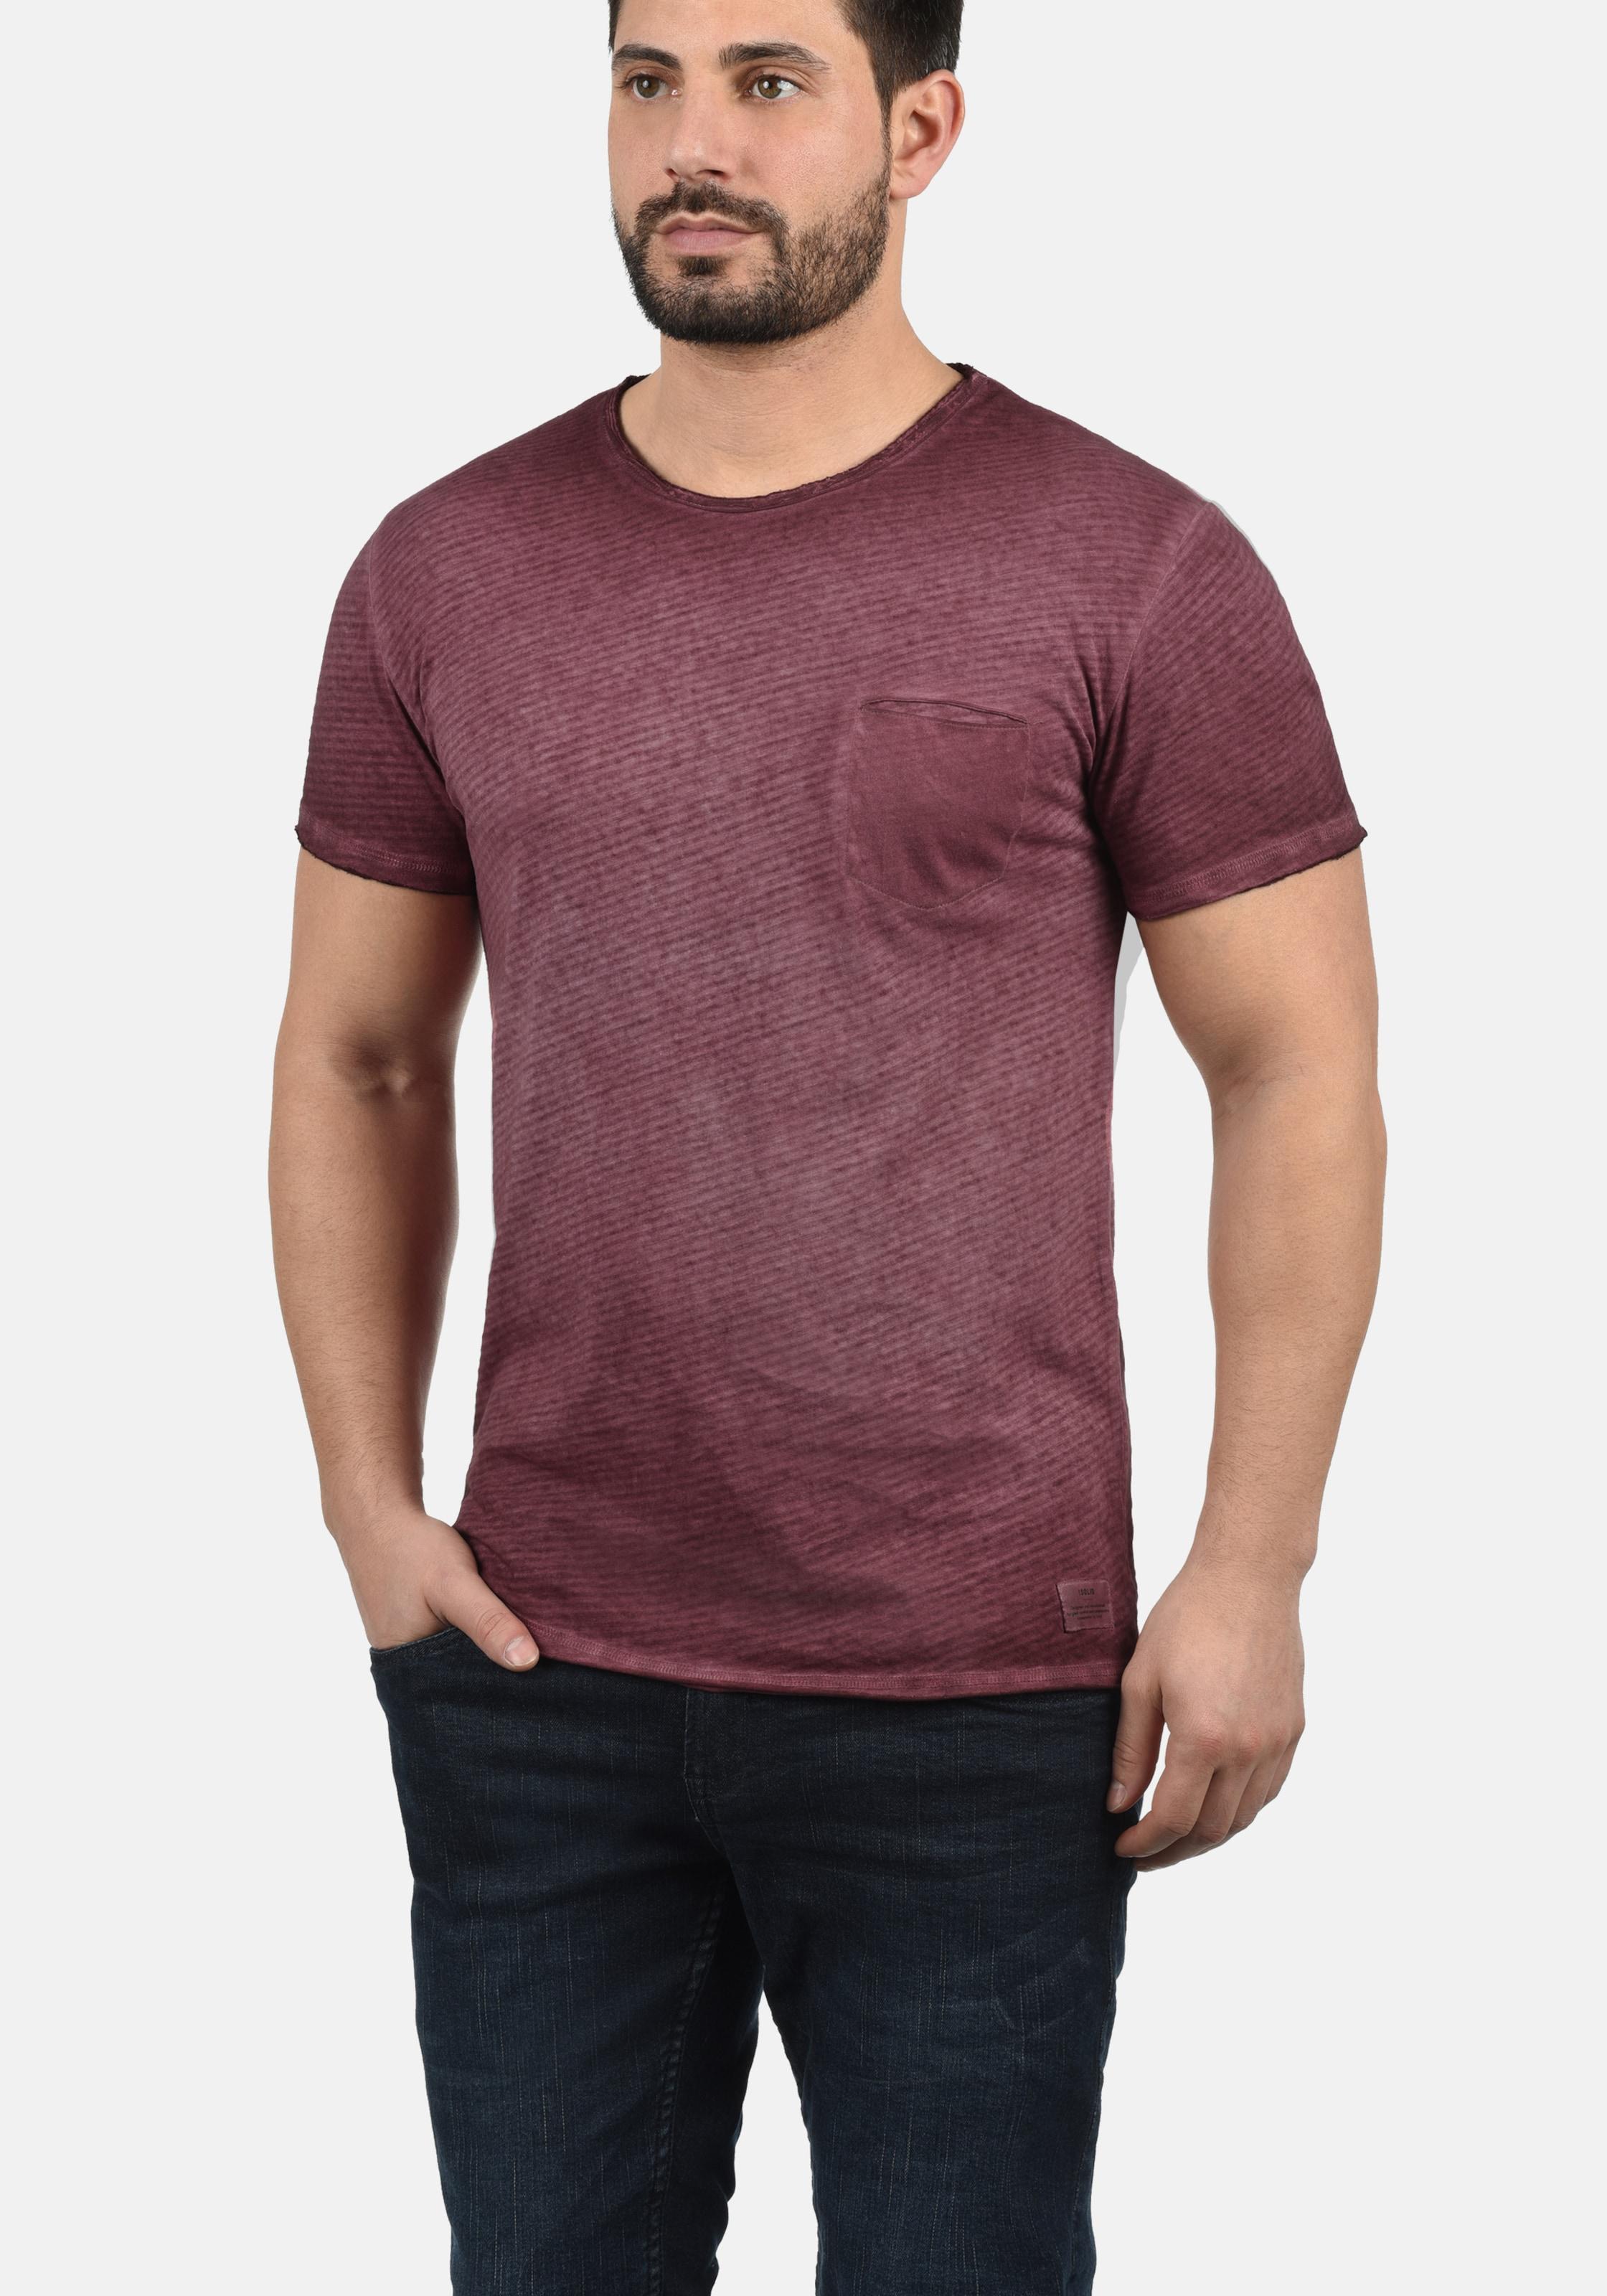 Rundhalsshirt solid solid Weinrot 'roy' Rundhalsshirt In 2IWEDH9